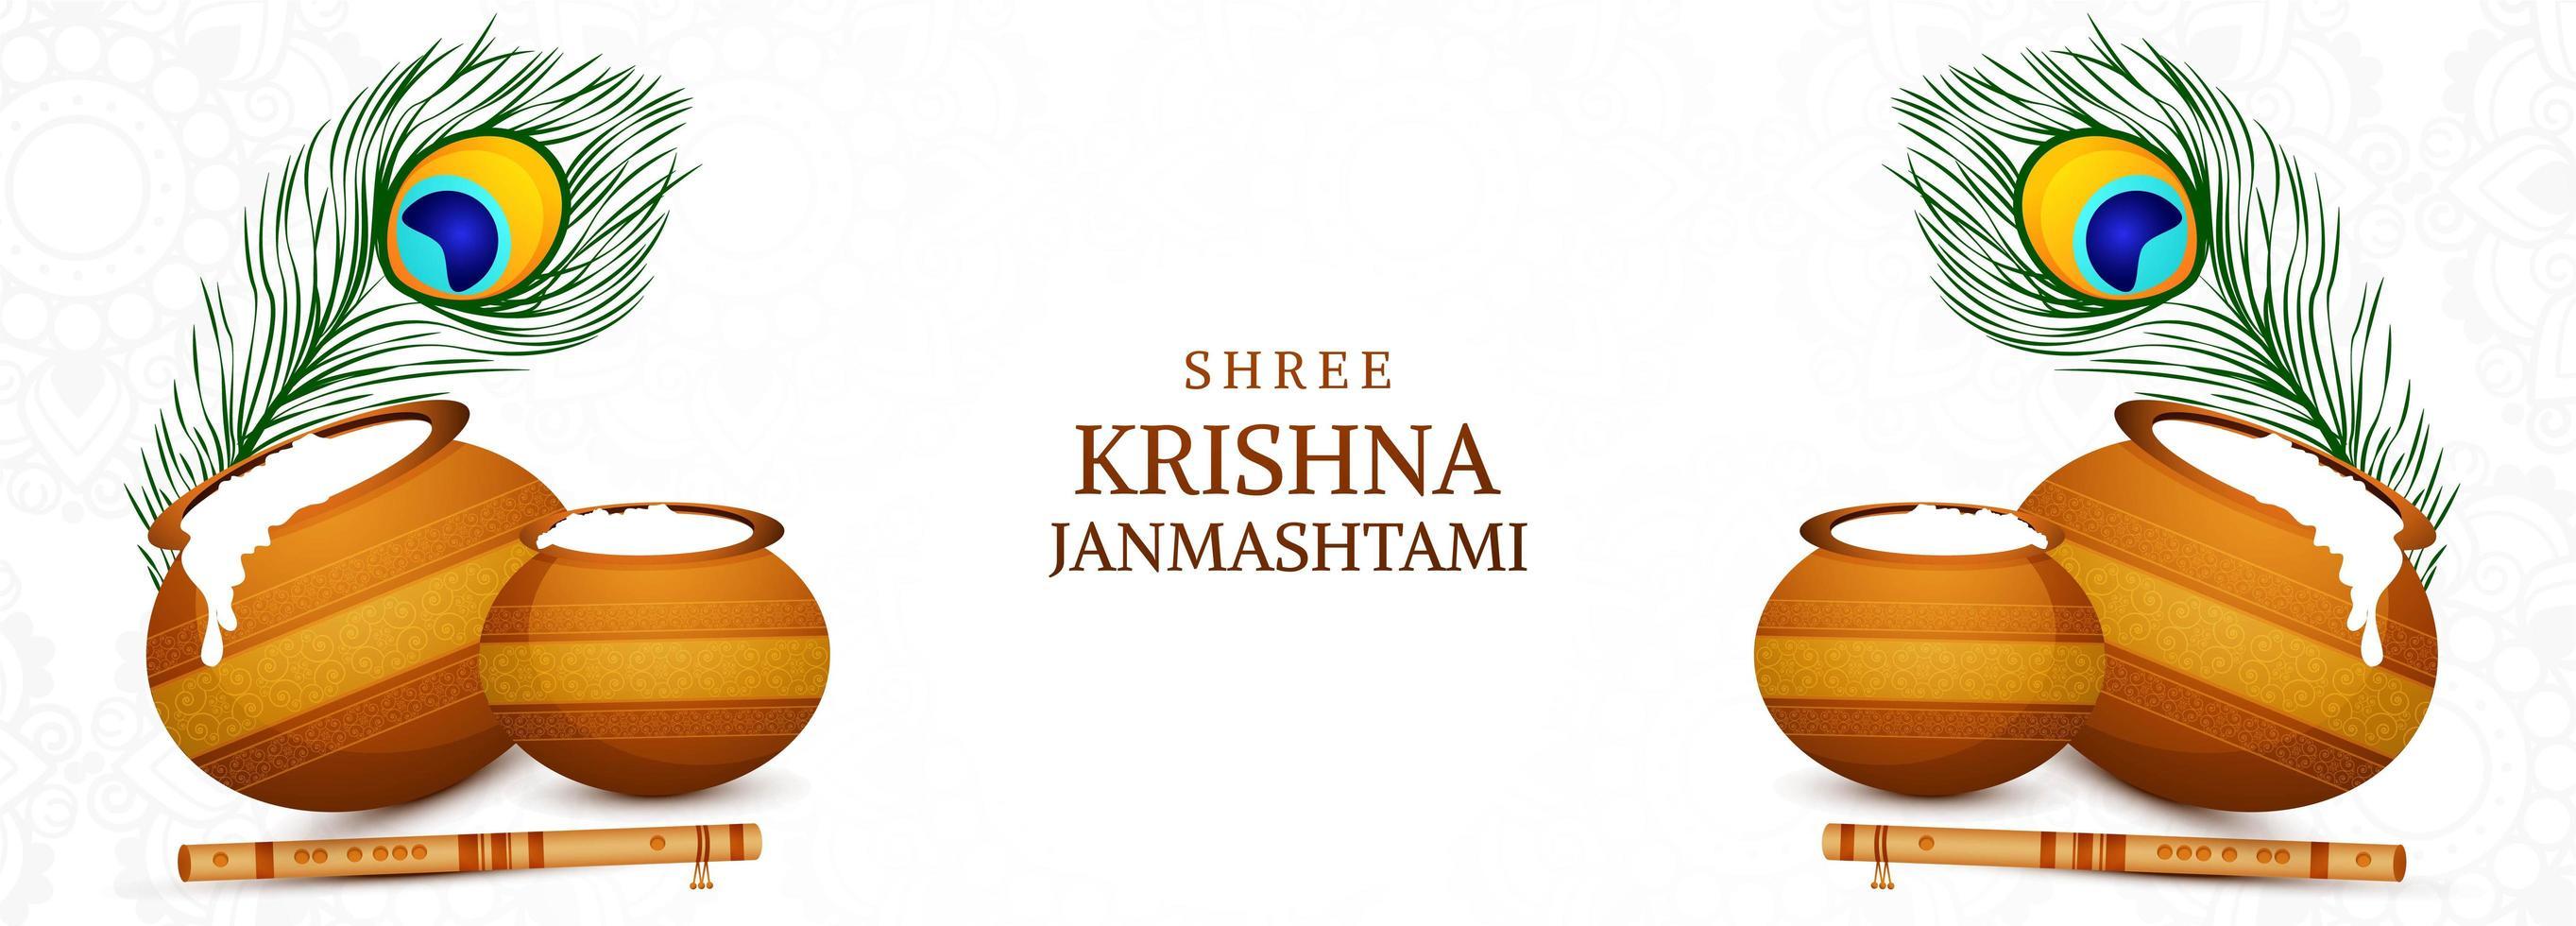 krishna janmashtami festival kort med gröt krukor banner vektor